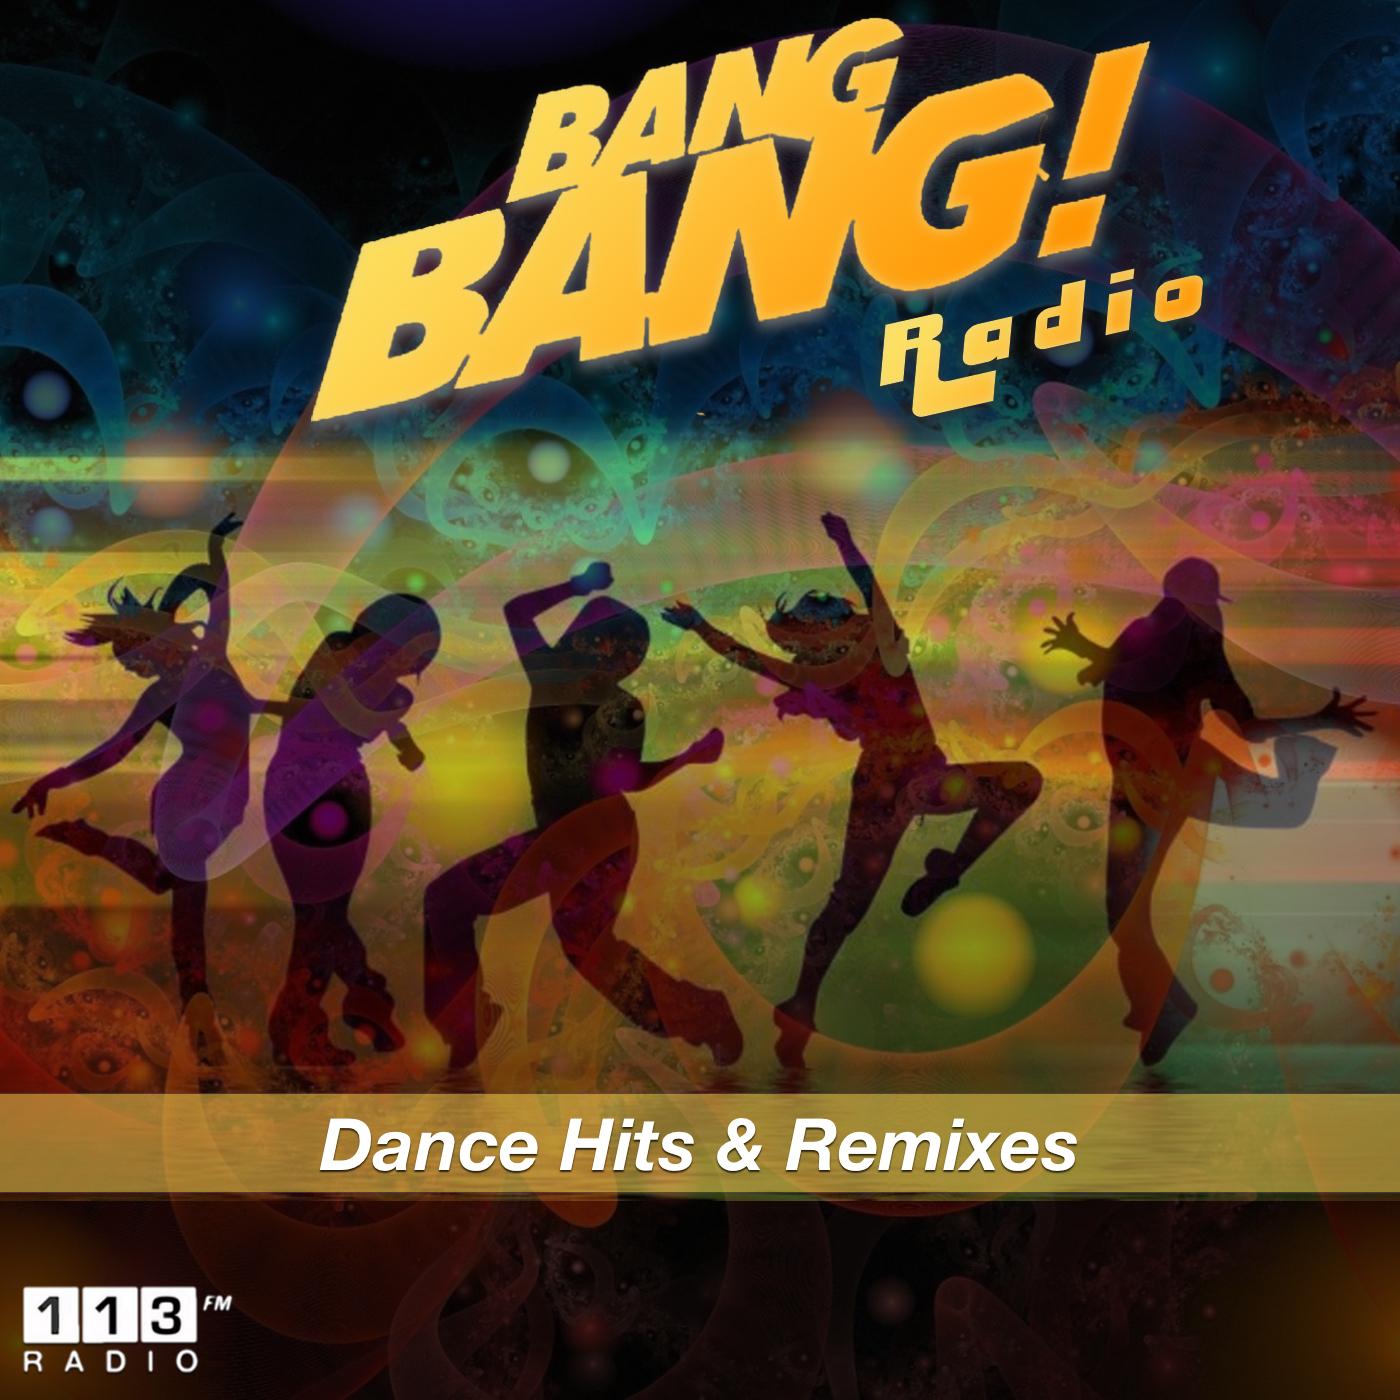 113.fm Bang Bang! (HD)